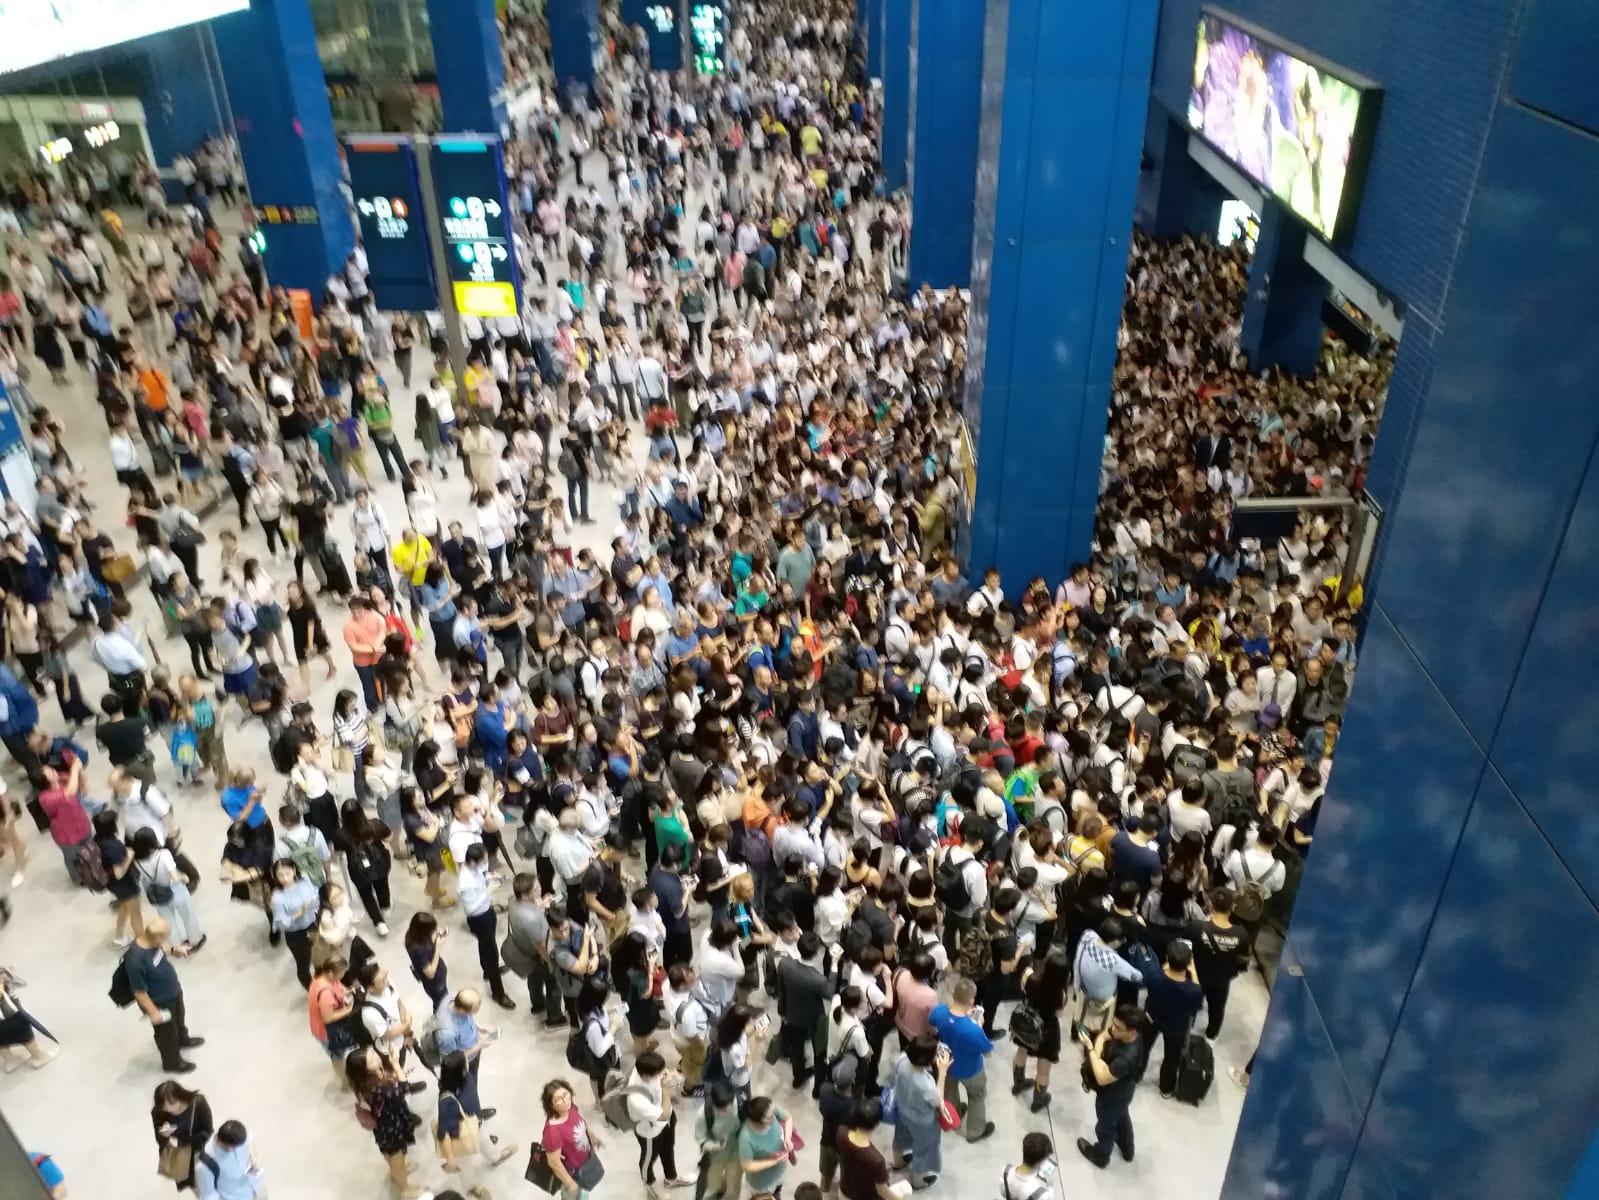 【山竹襲港】風災過後,連登網民讚許香港基建一流,水電供應穩定,港鐵仍為大眾服務。 – Fortune Insight